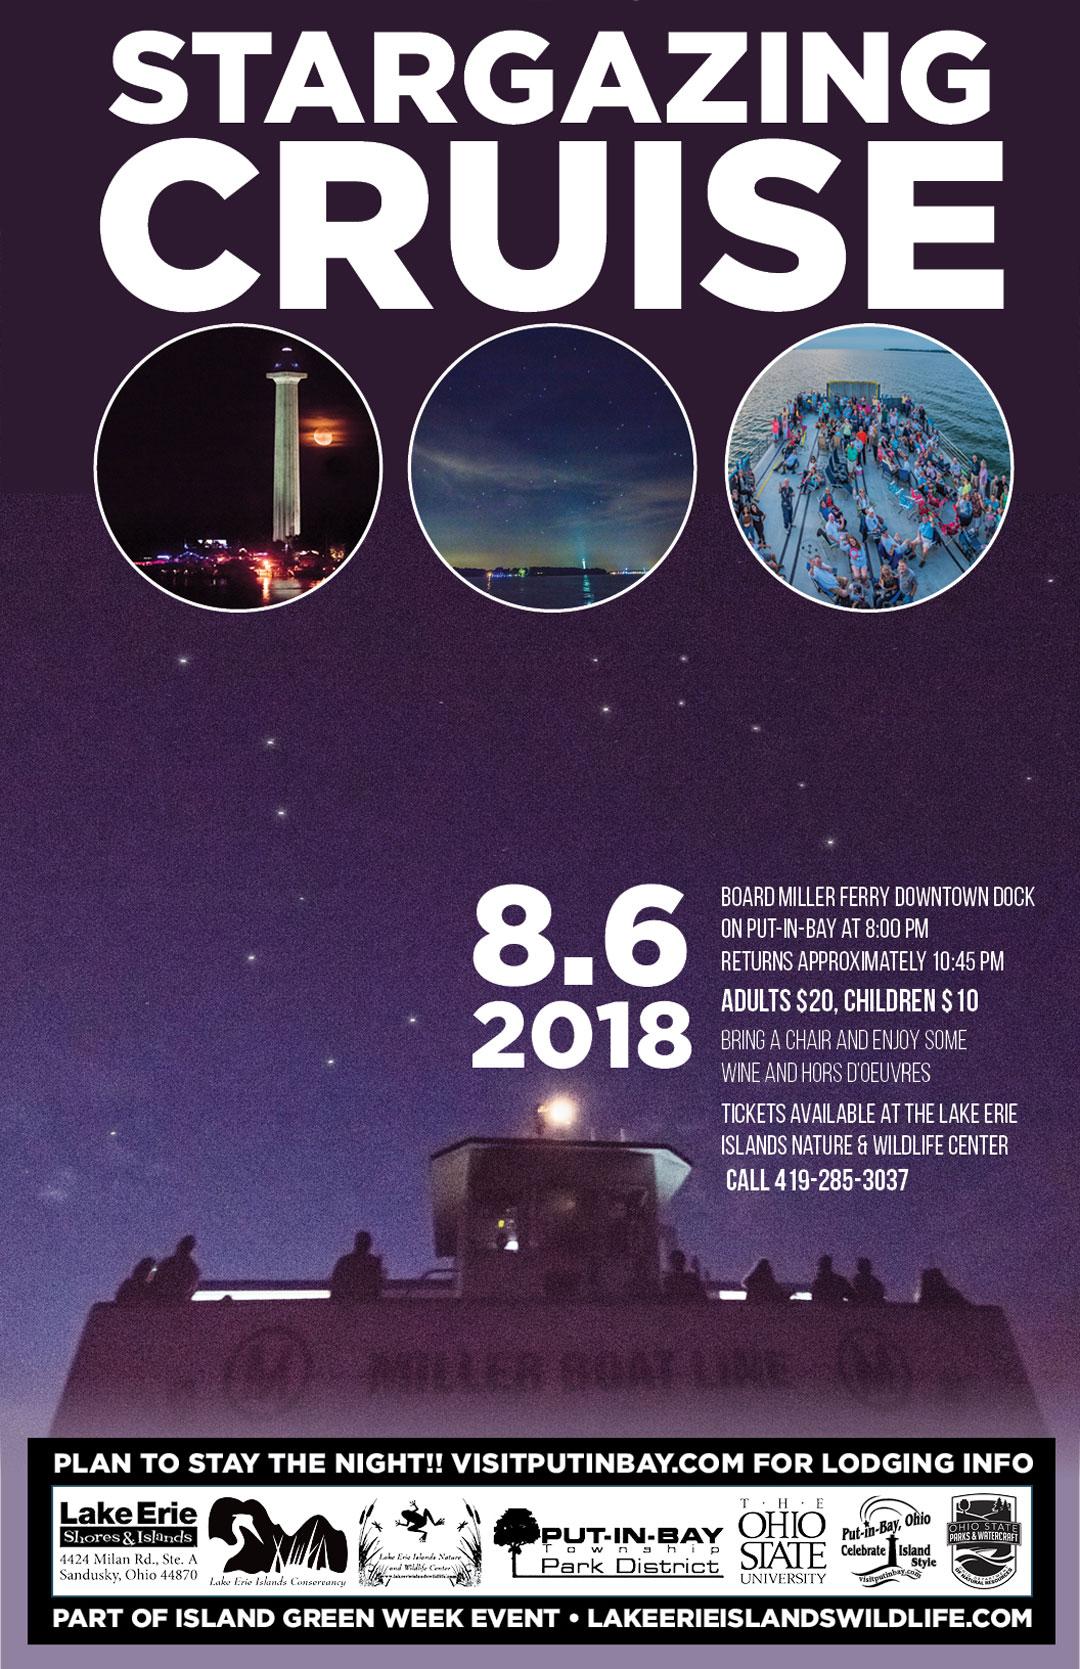 Stargazing Cruise 2018